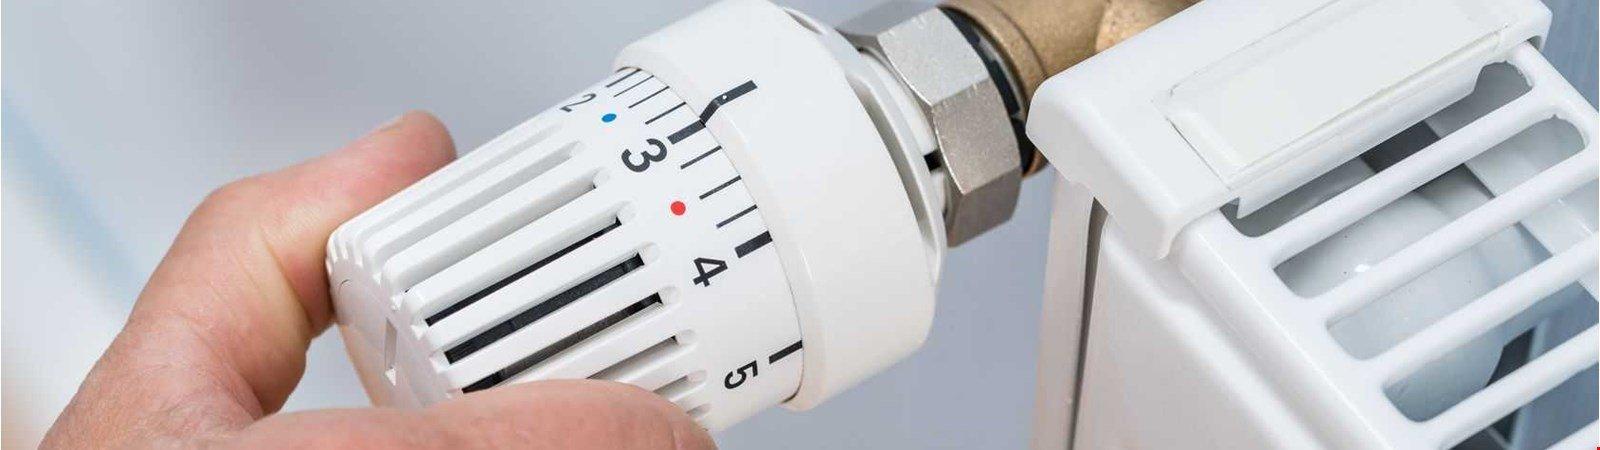 Heizkörperthermostate: Energie sparen und Heizkosten senken